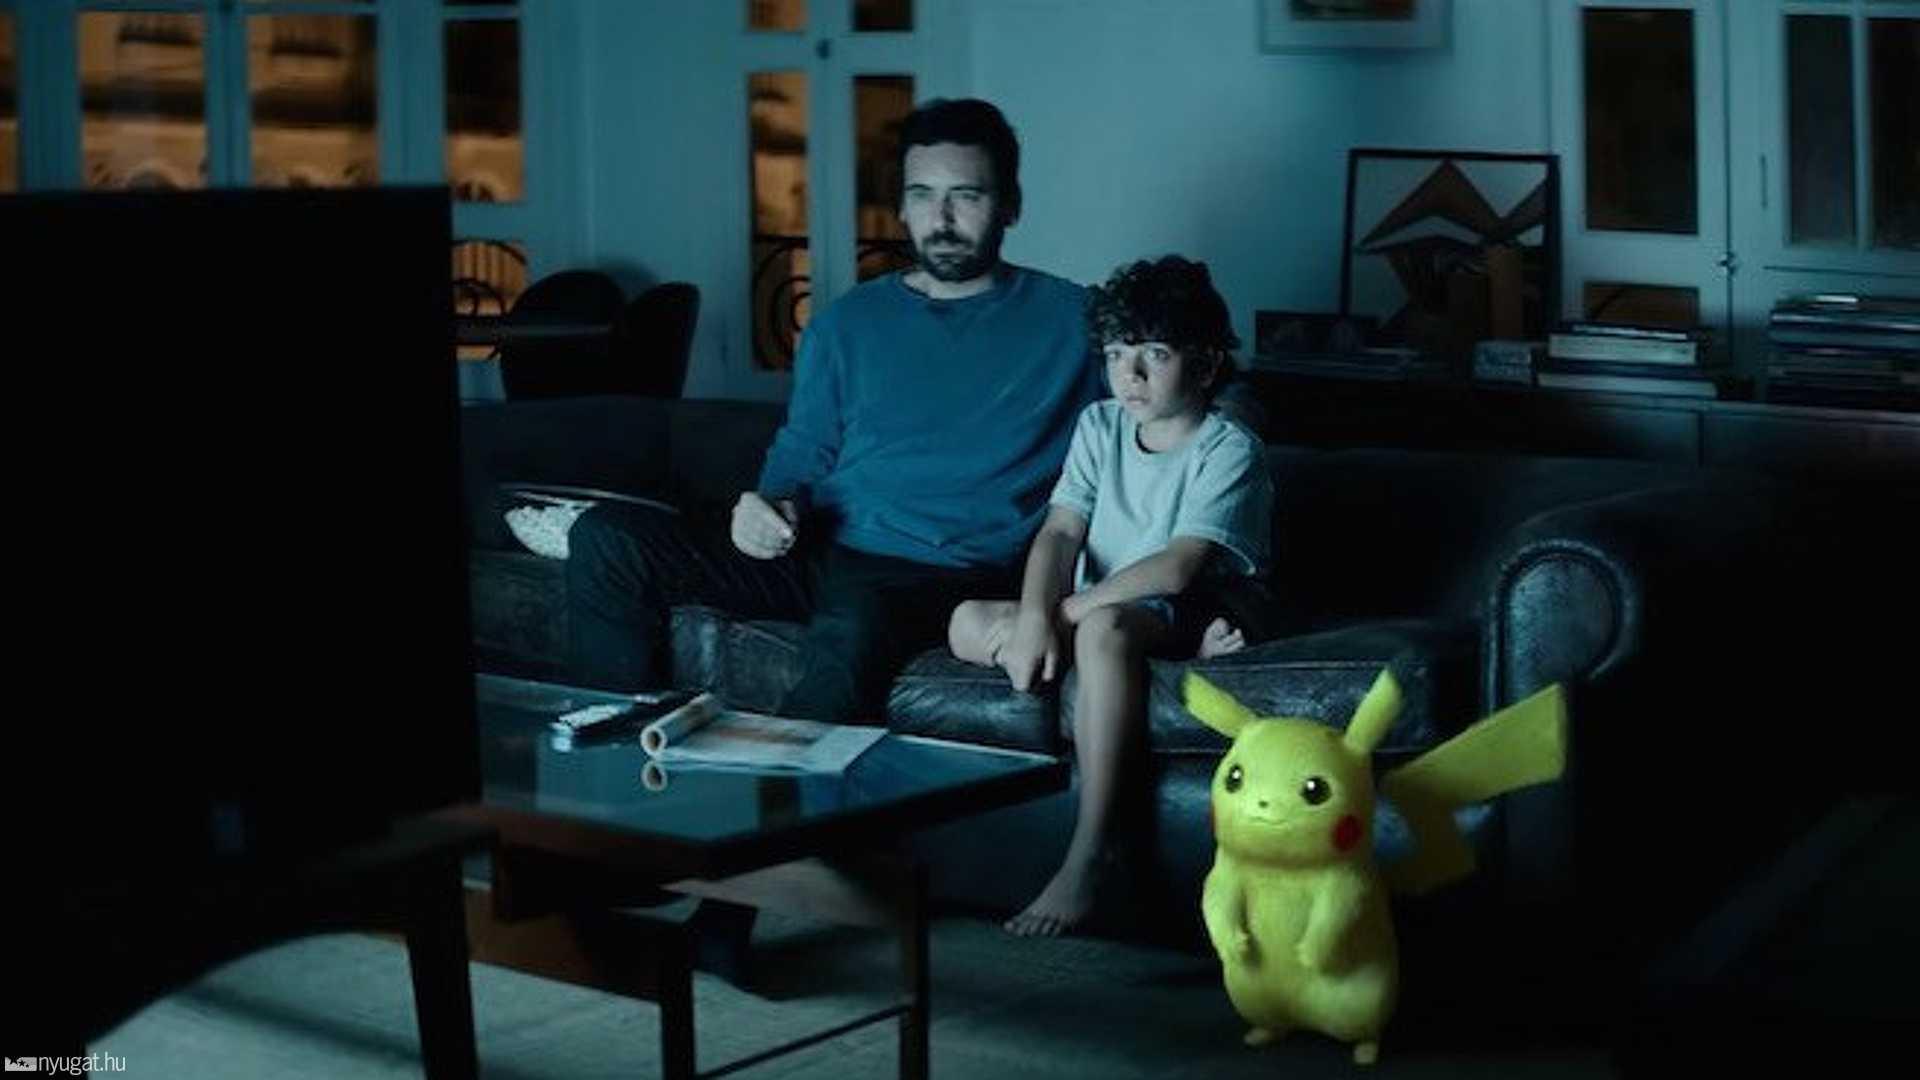 Apa, fia és Pikachu